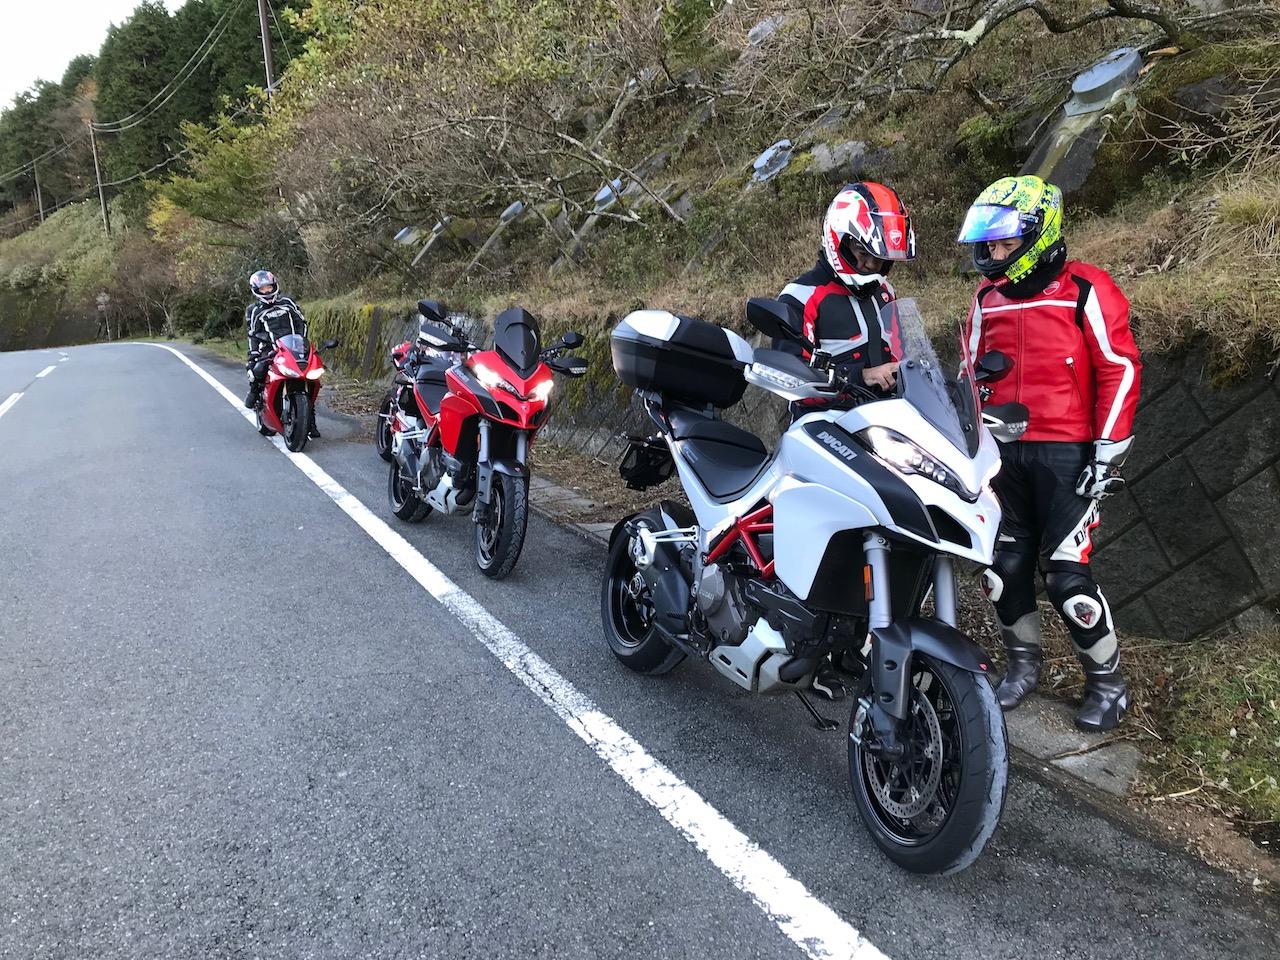 『紅白ムルティストラーダ1200S』で伊豆日帰りグルメツーリング!伊豆スカ最高!